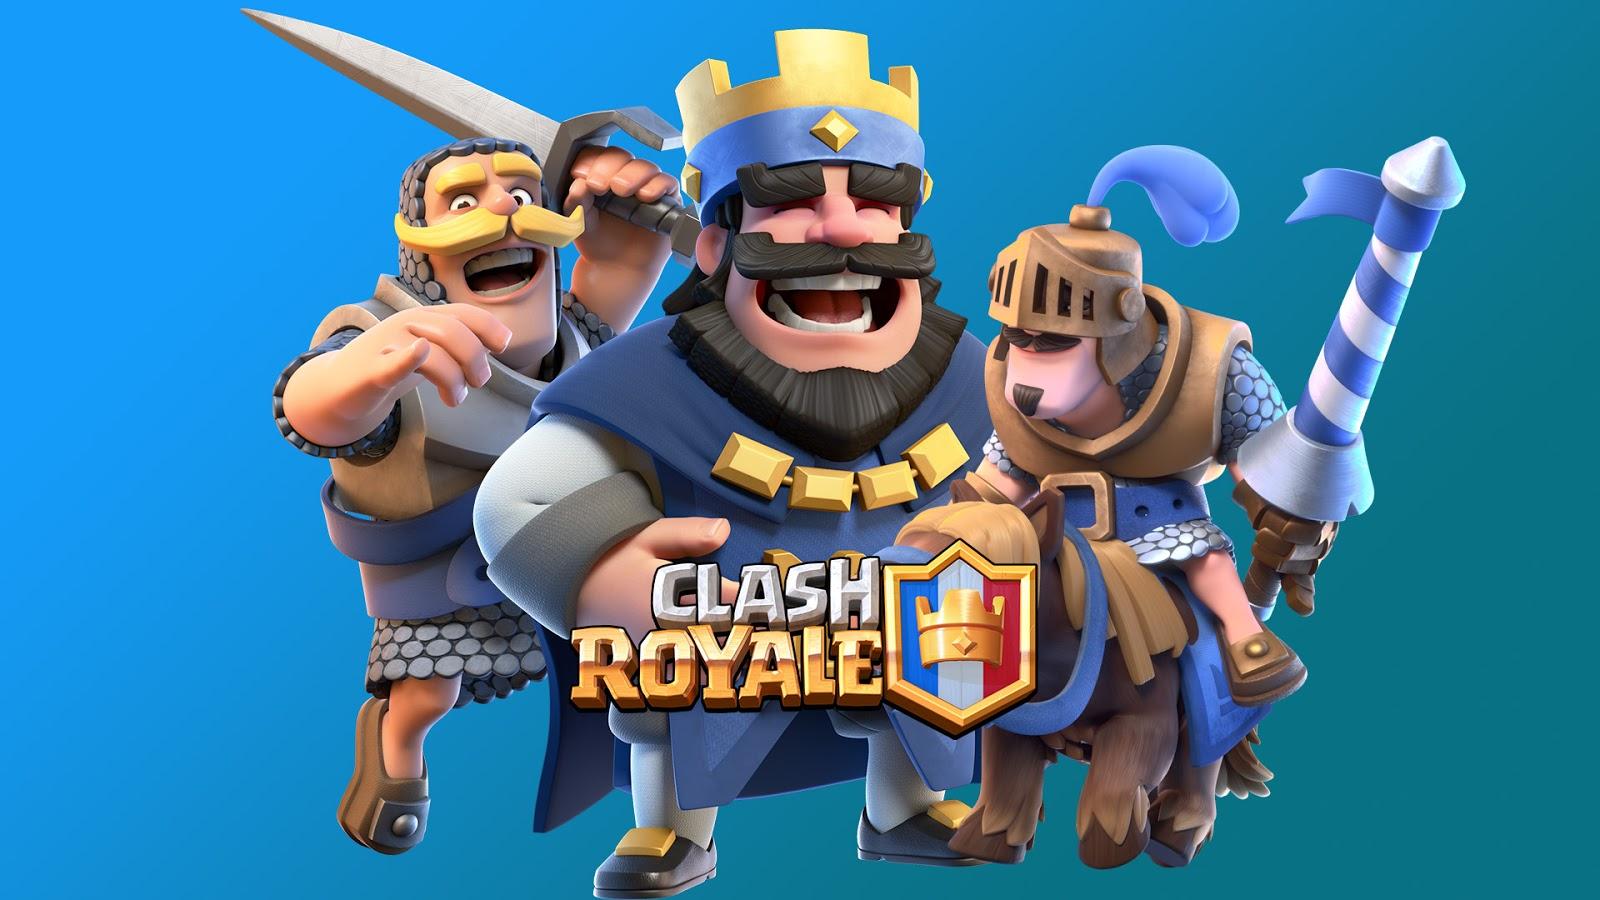 Download Gambar Clash Royale HD Keren Lucu Terbaru